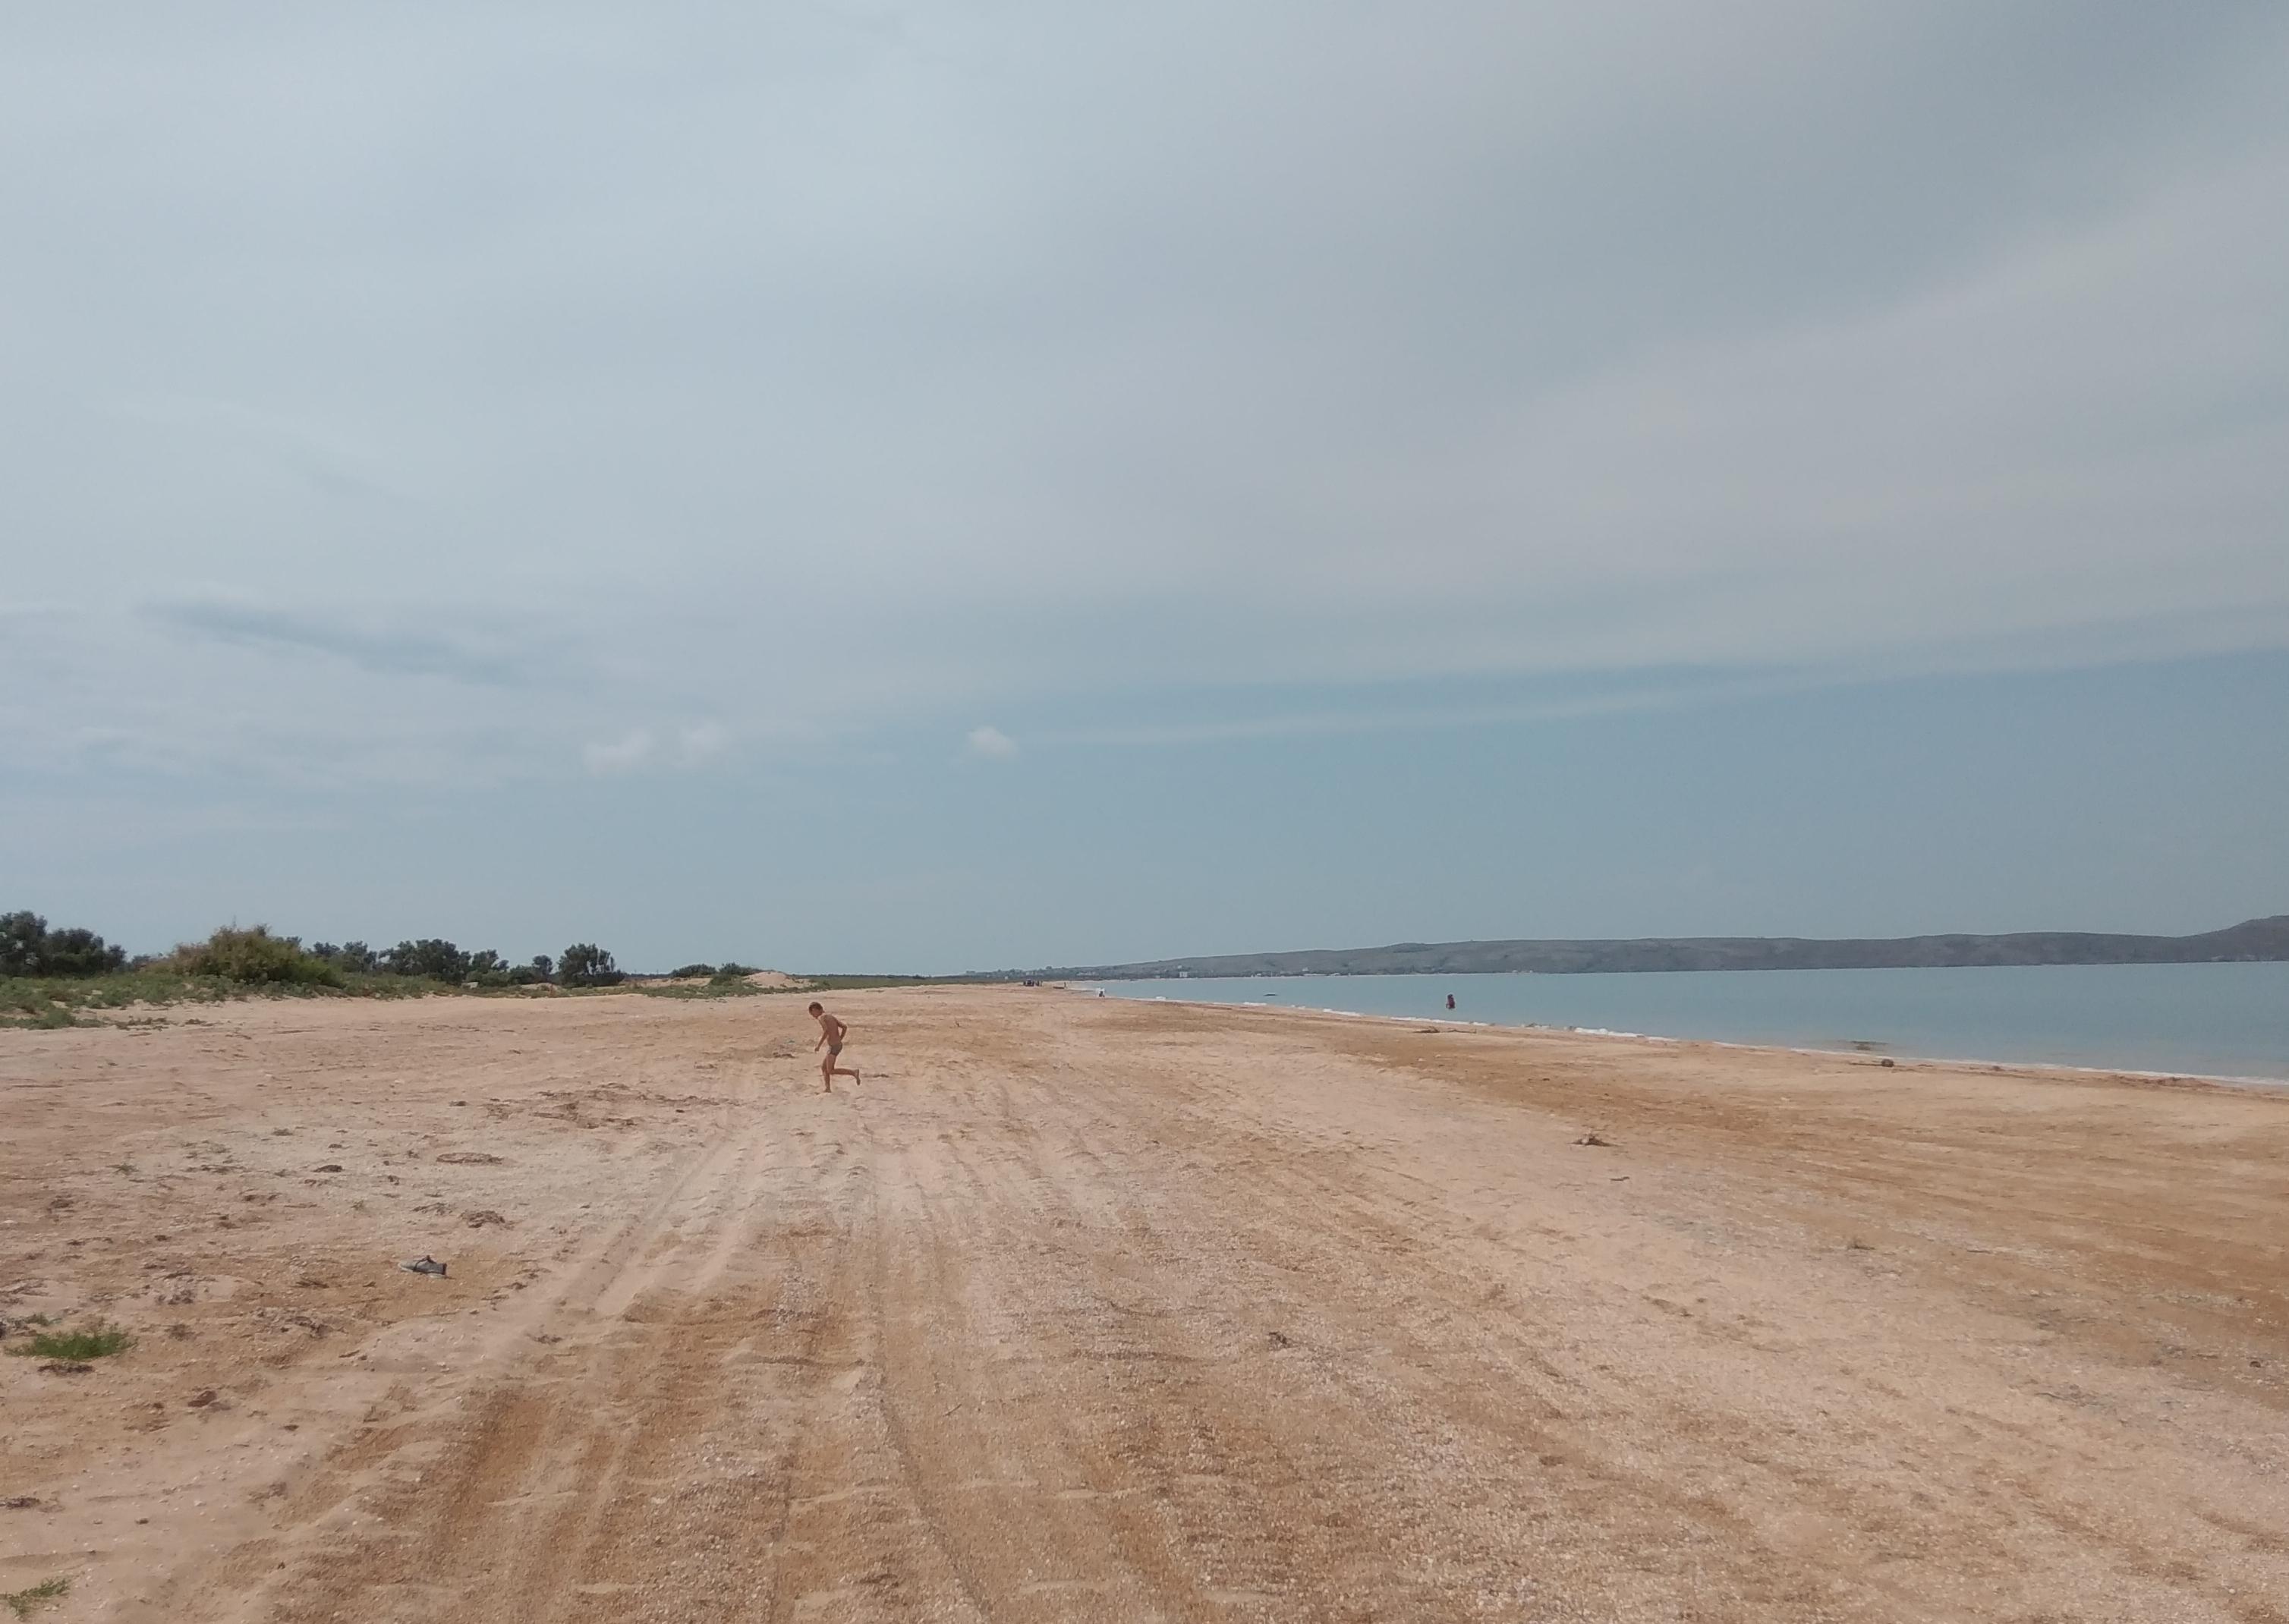 Пляж в Татарской бухте в районе Щелково